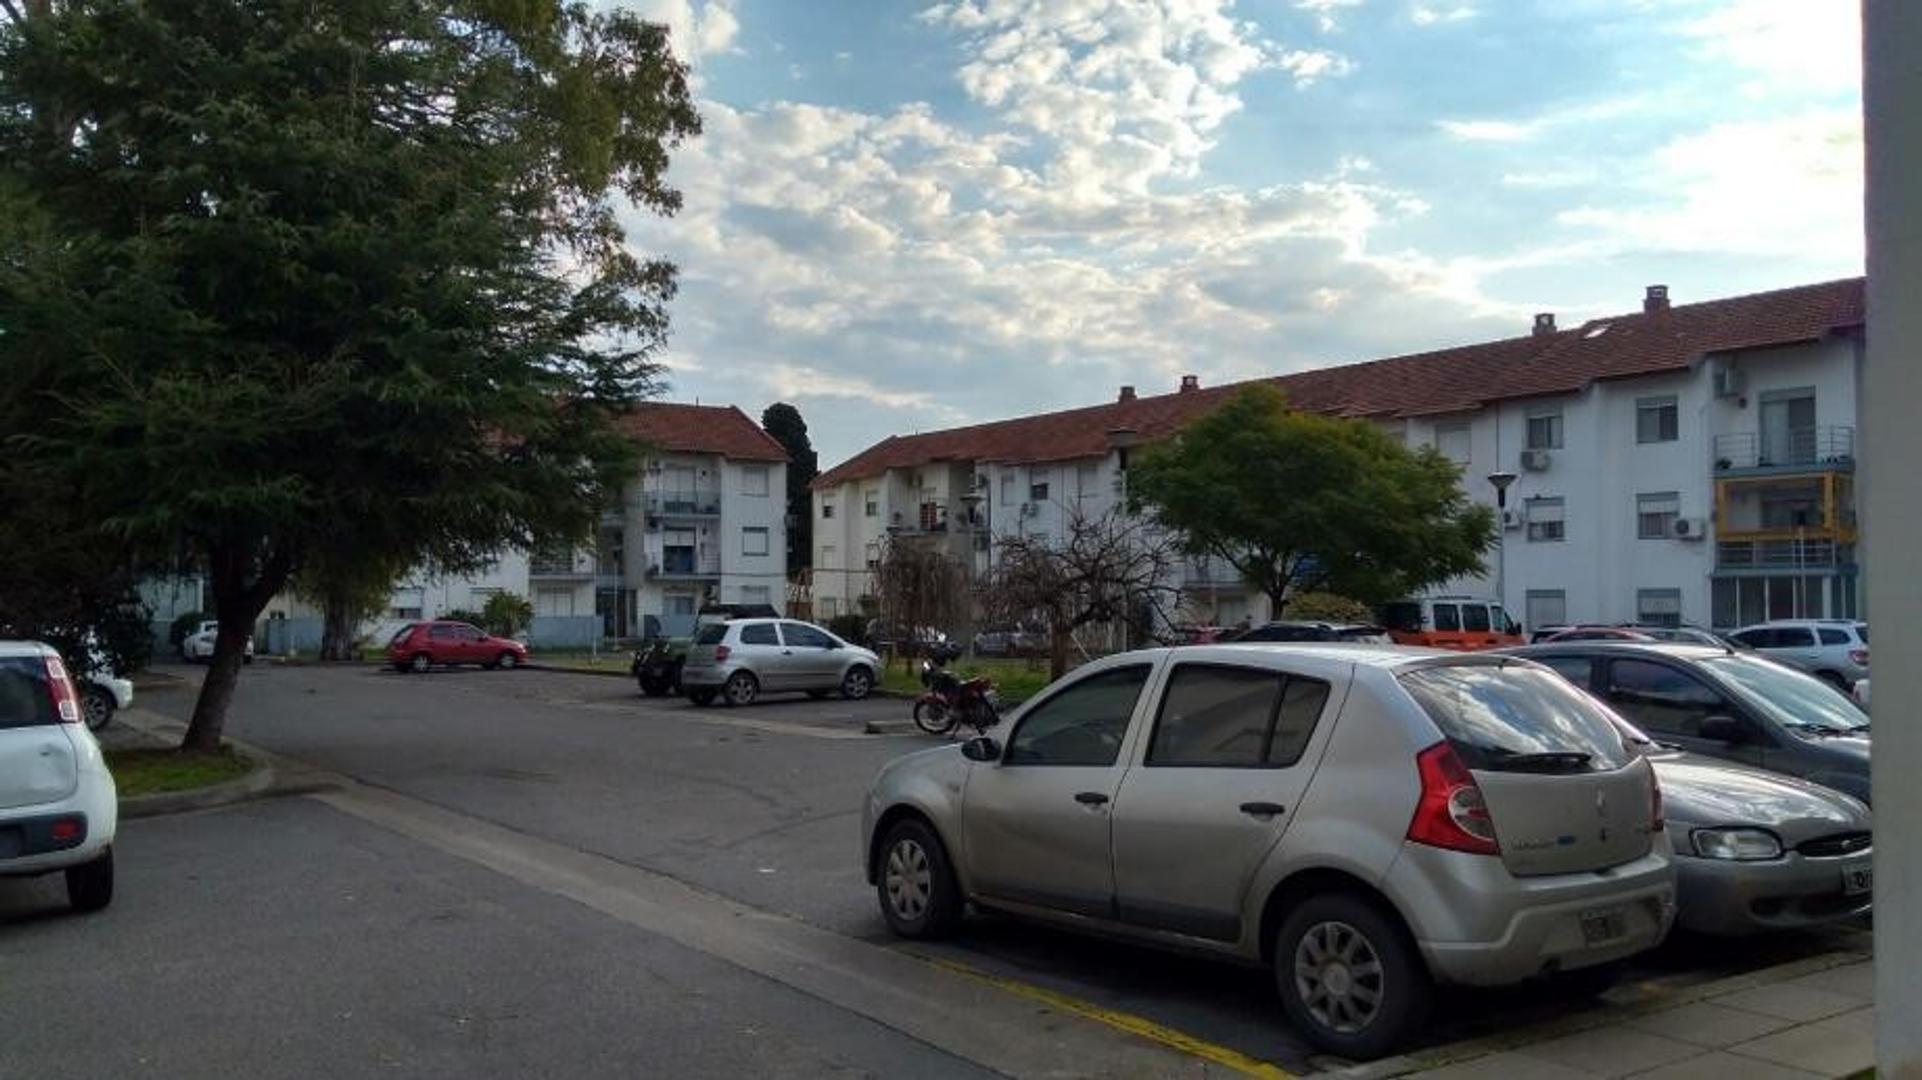 Departamento de 5 ambientes c/balcón al frente y cochera - J.B. Justo al 3000, Quilmes Oeste